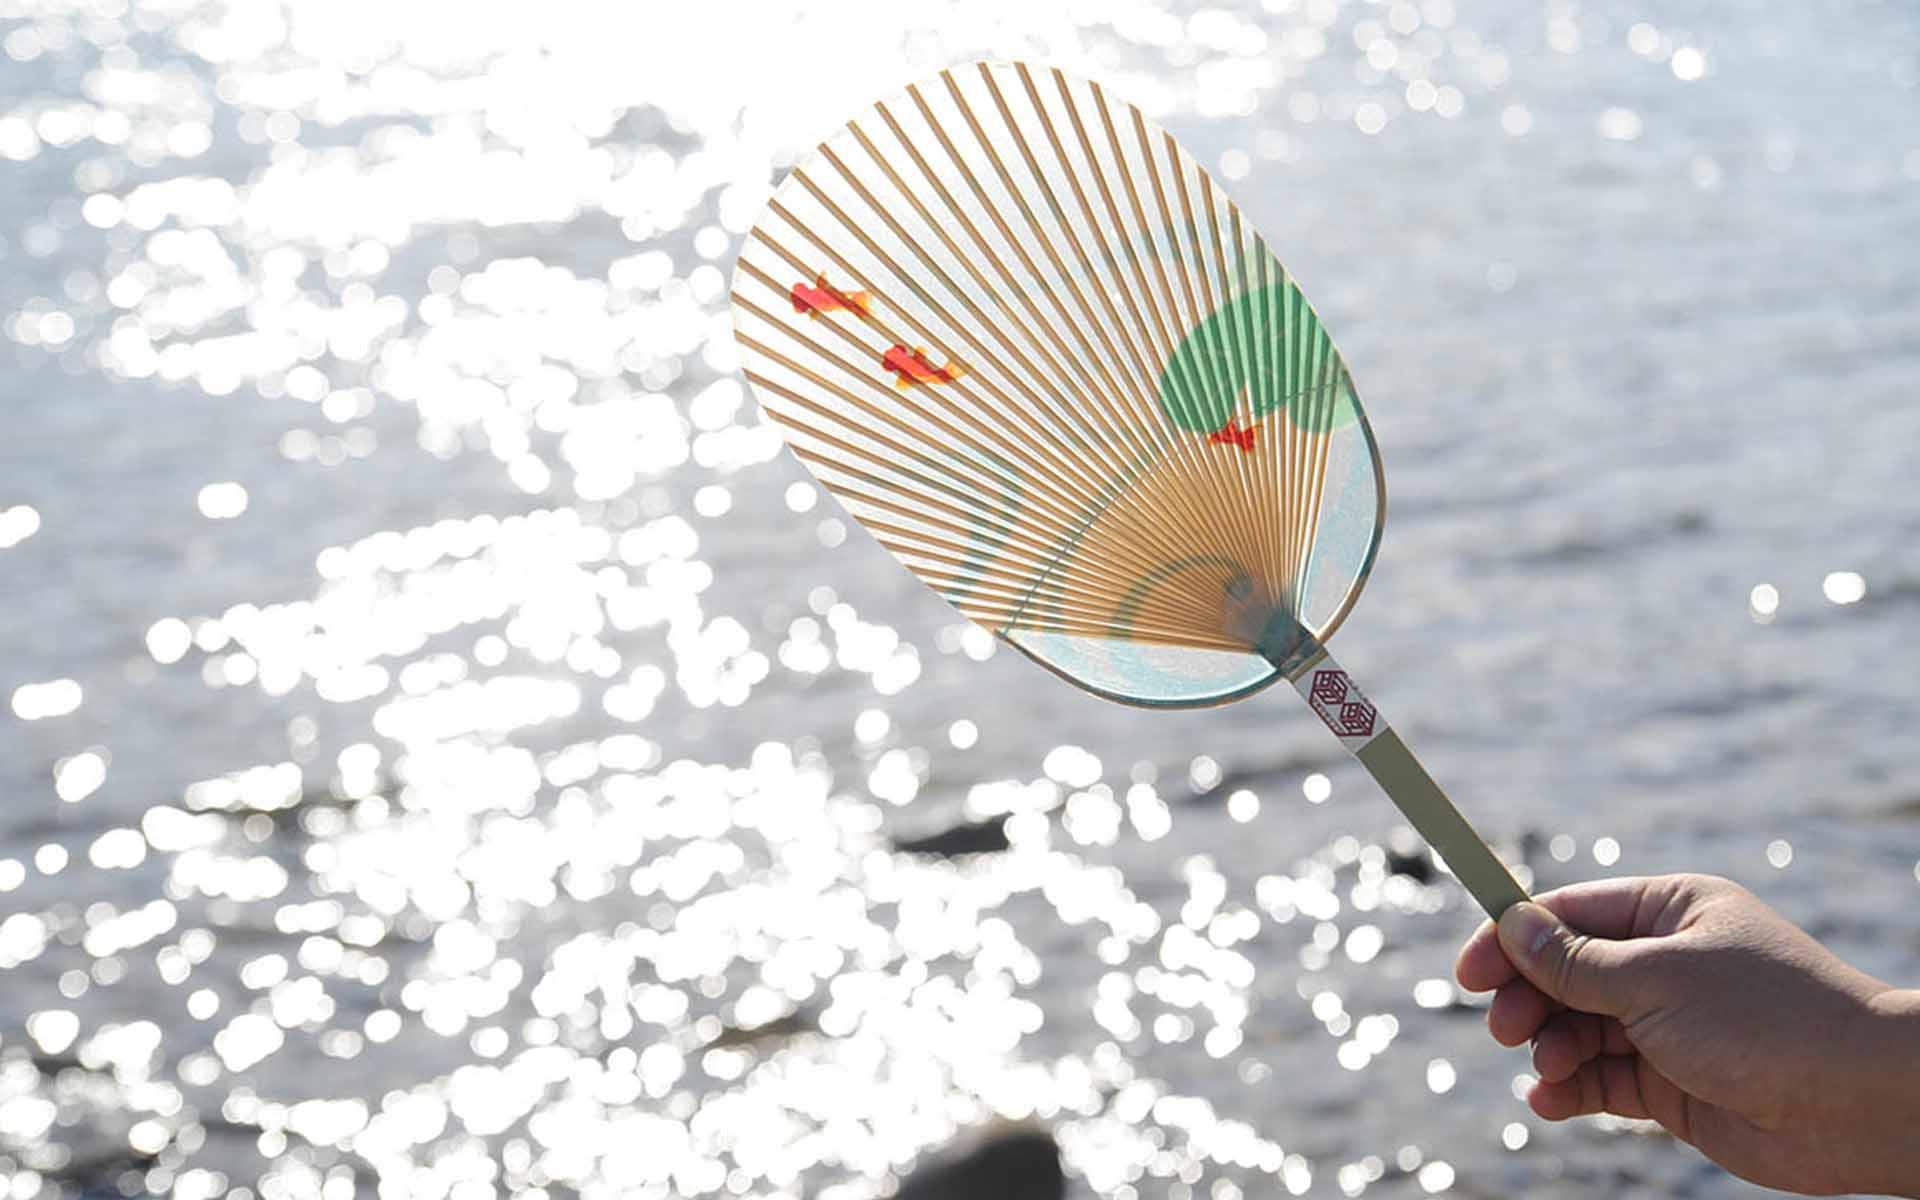 水うちわ(小判金魚) 7,560円 (税込)